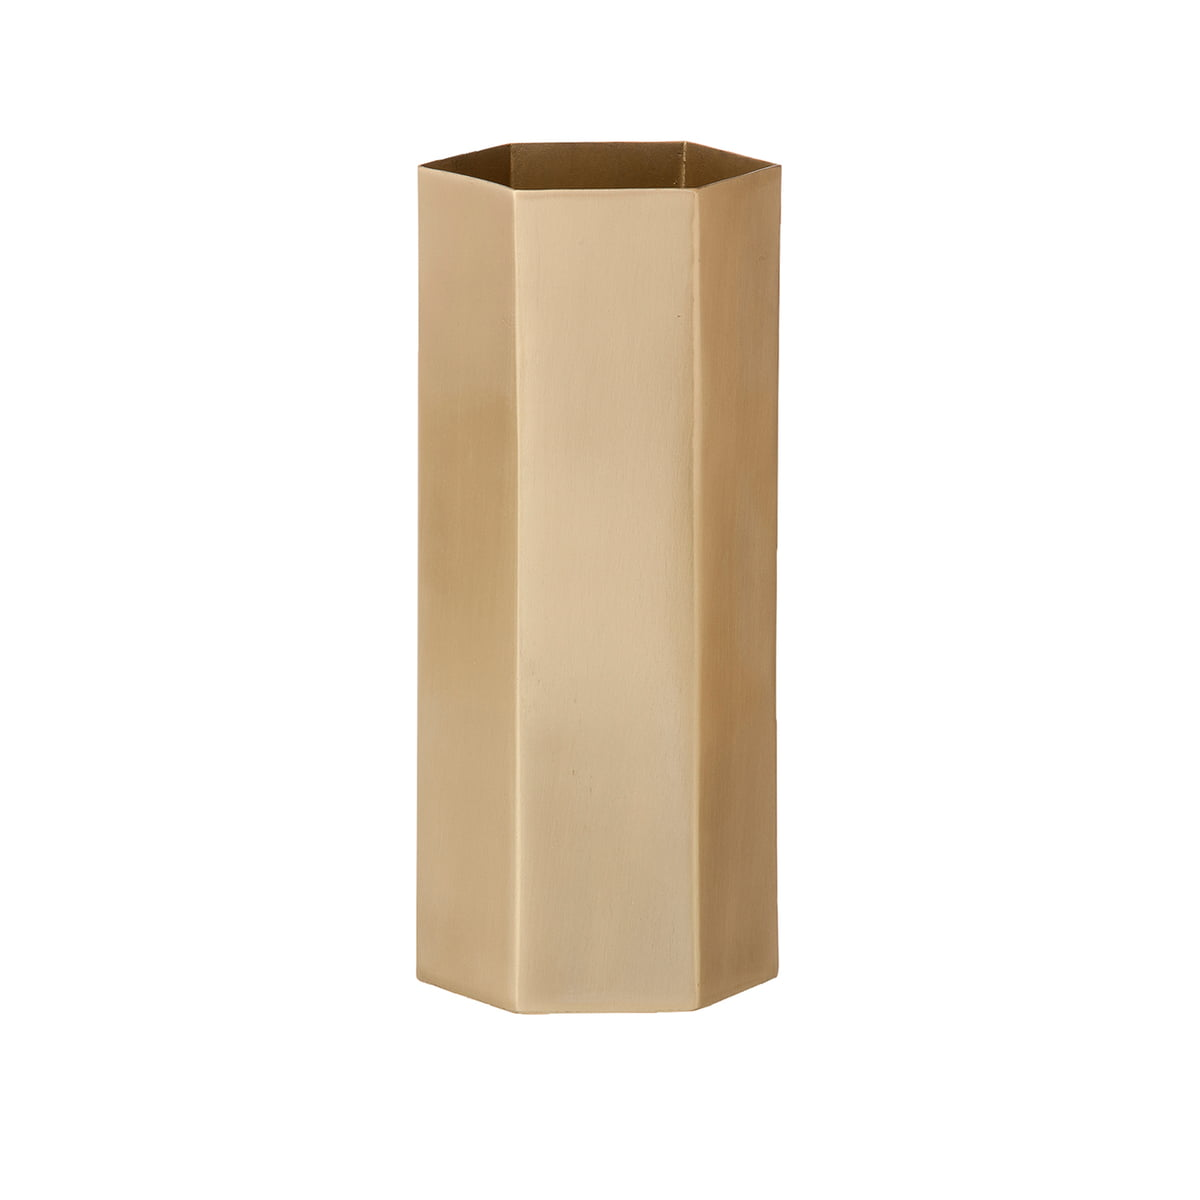 Hexagon vase